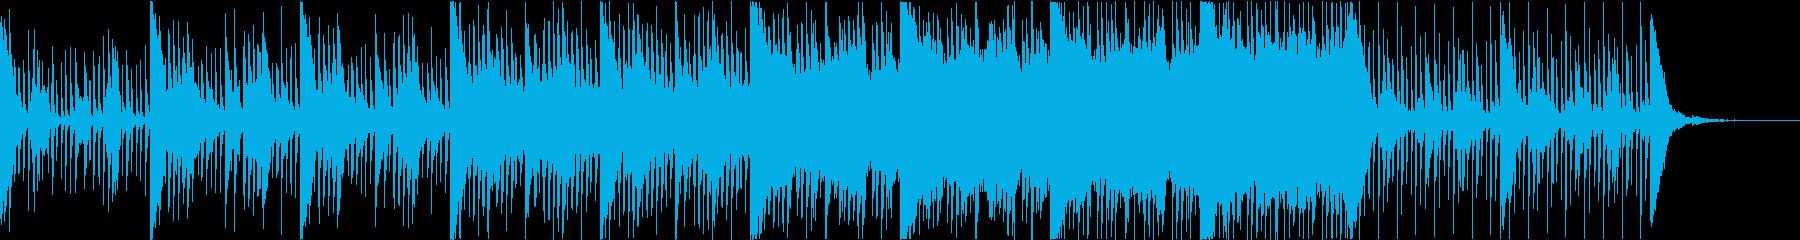 重厚、壮大、幻想的な和風テイストの曲の再生済みの波形